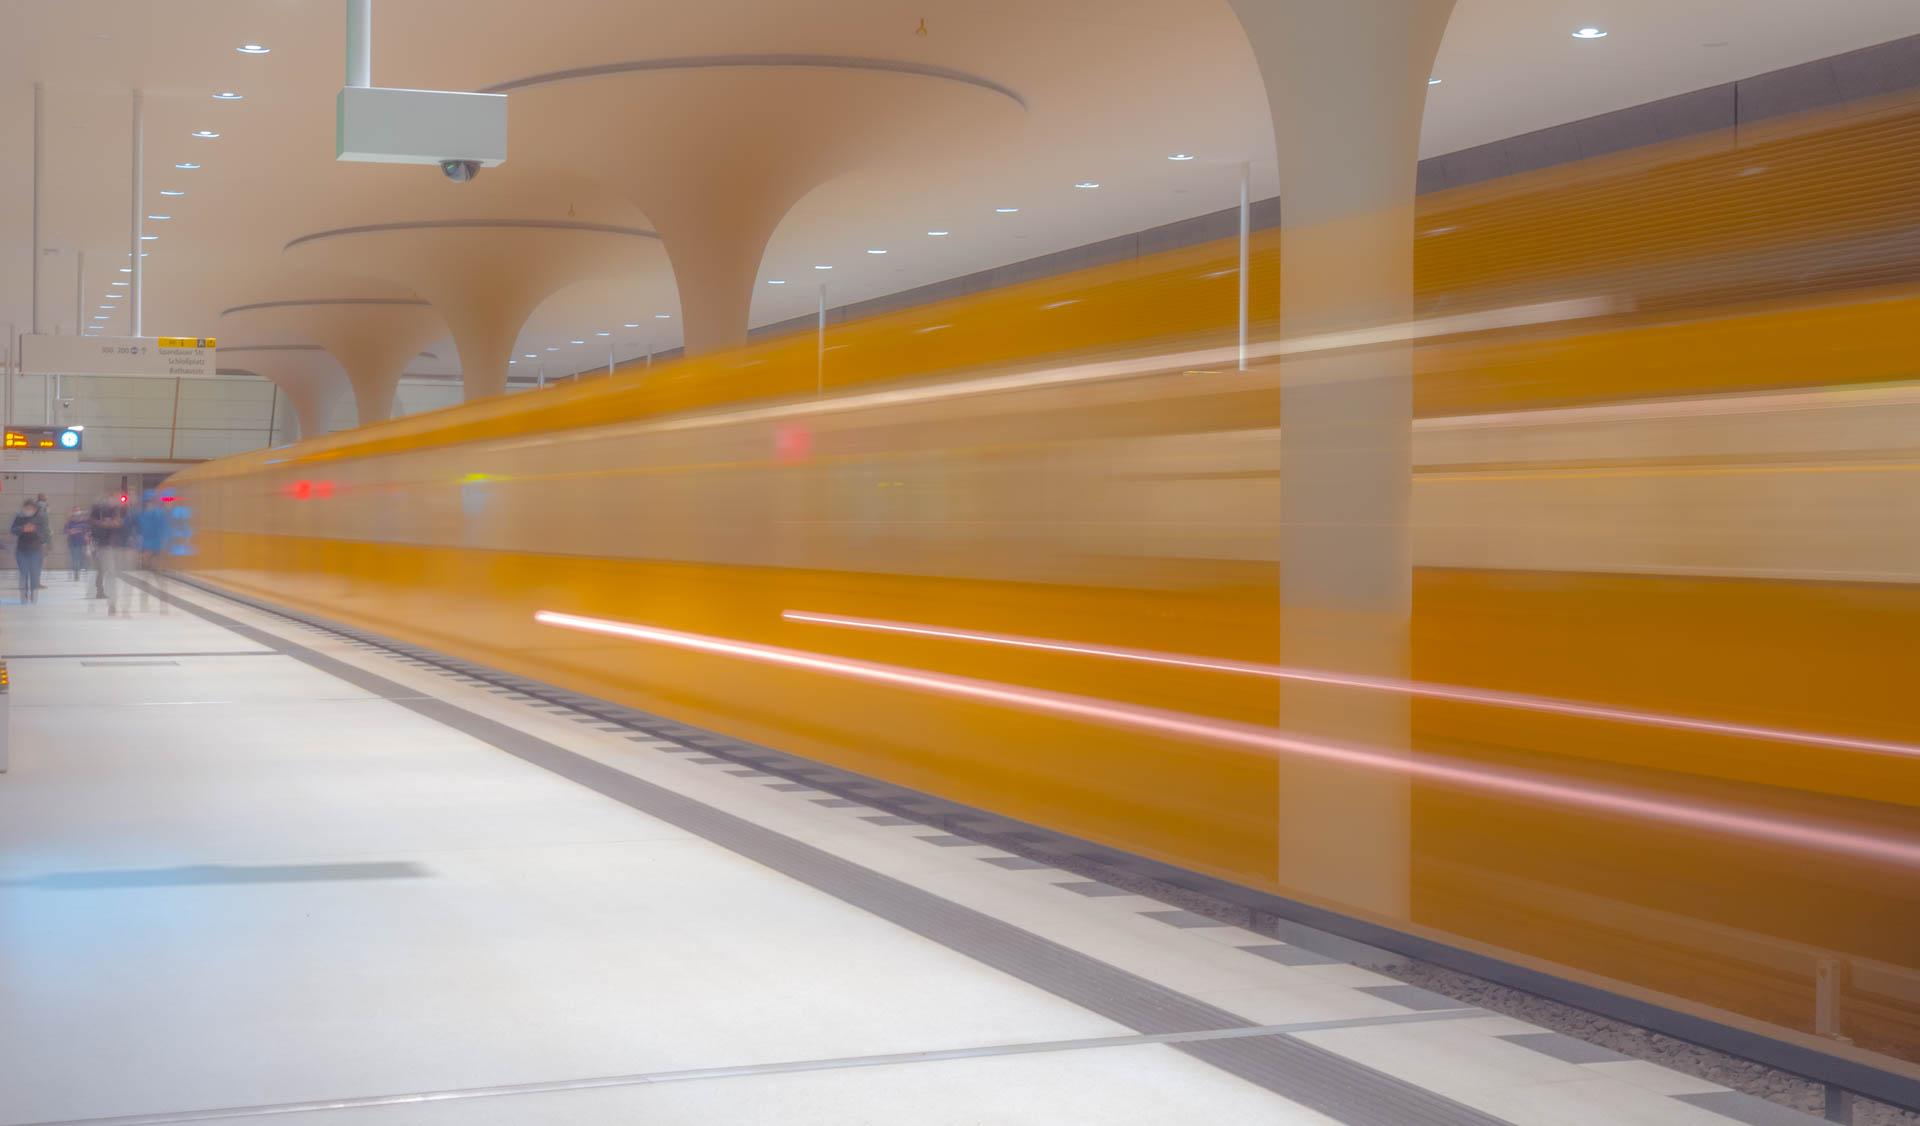 U-Bahn verwischt in einem Bahnhof